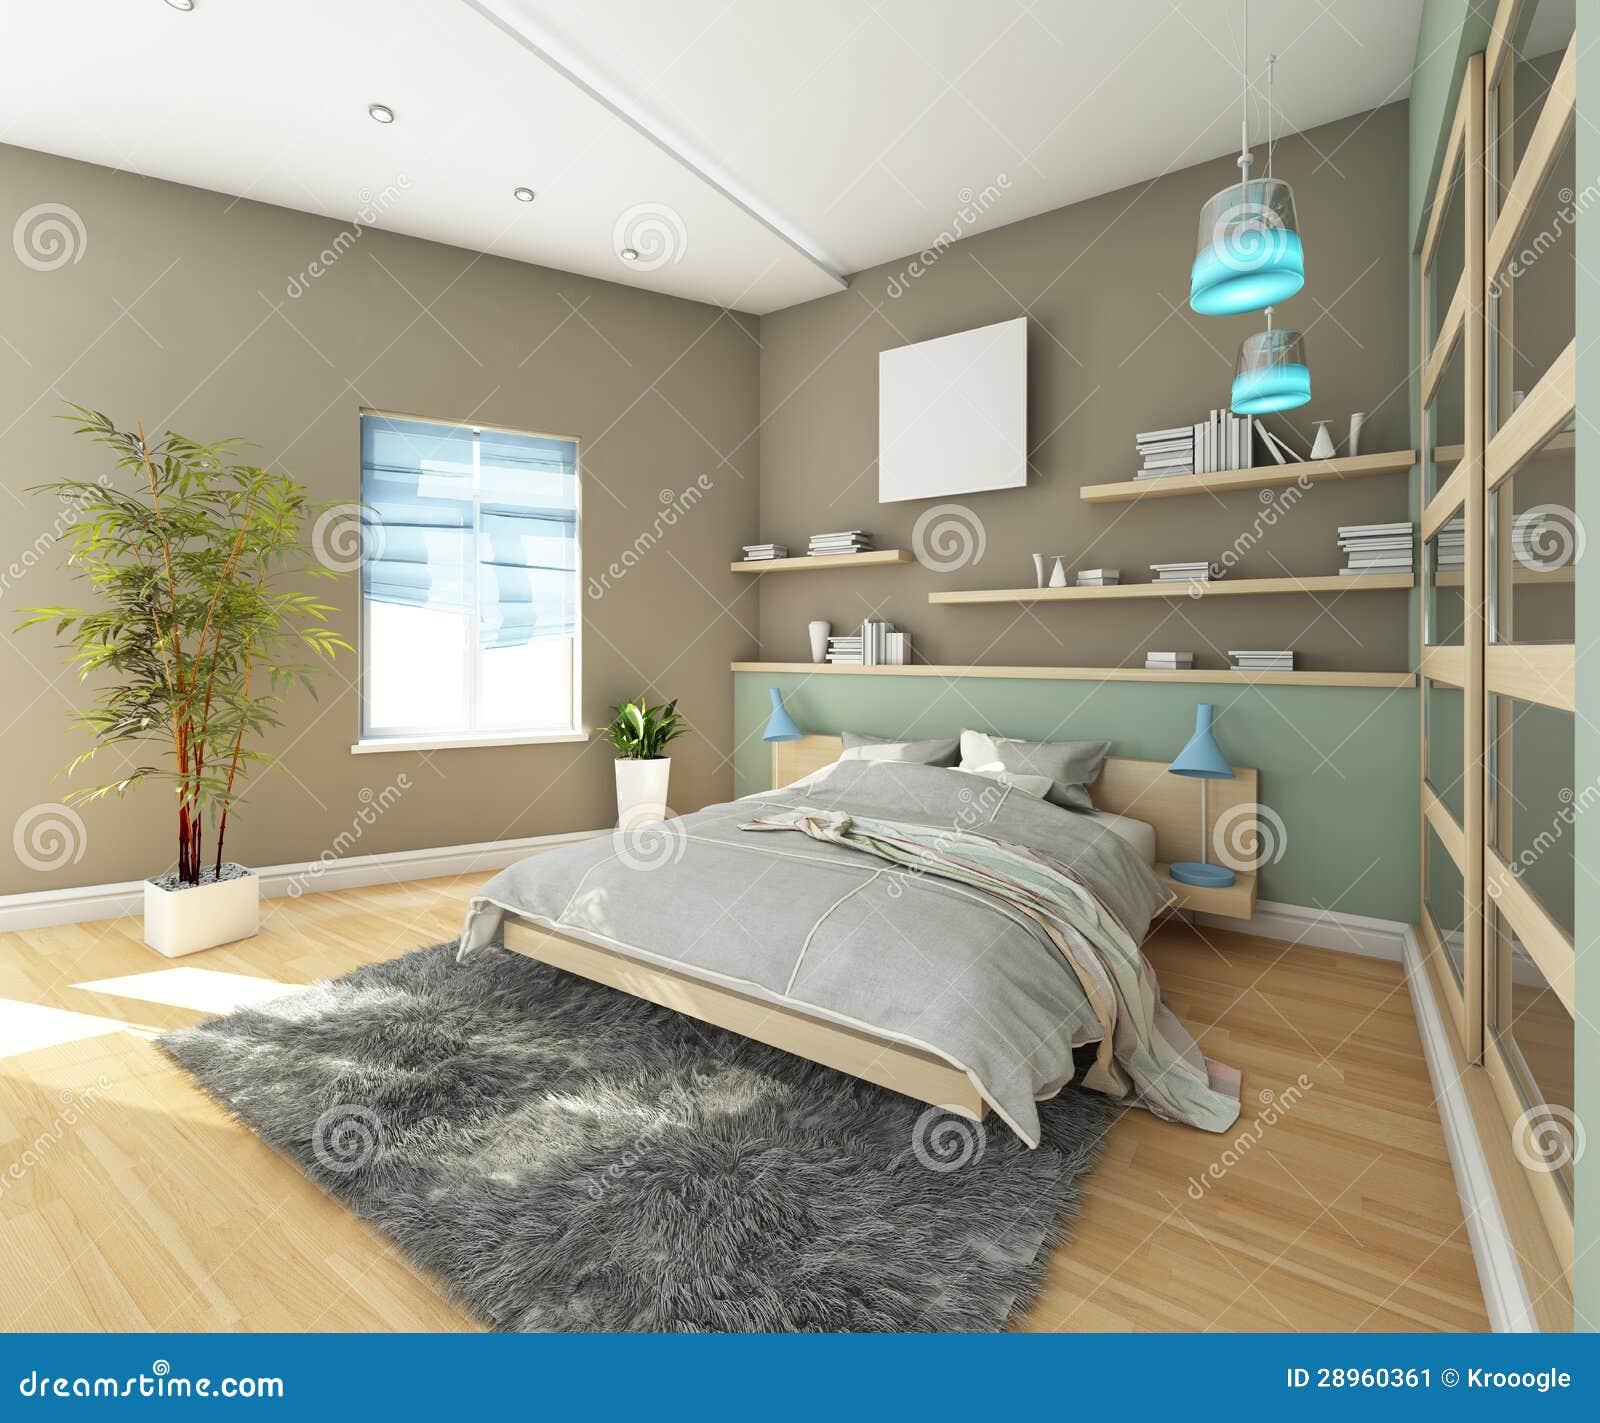 Chambre coucher de l 39 adolescence avec du tapis image - Tapis chambre a coucher ...